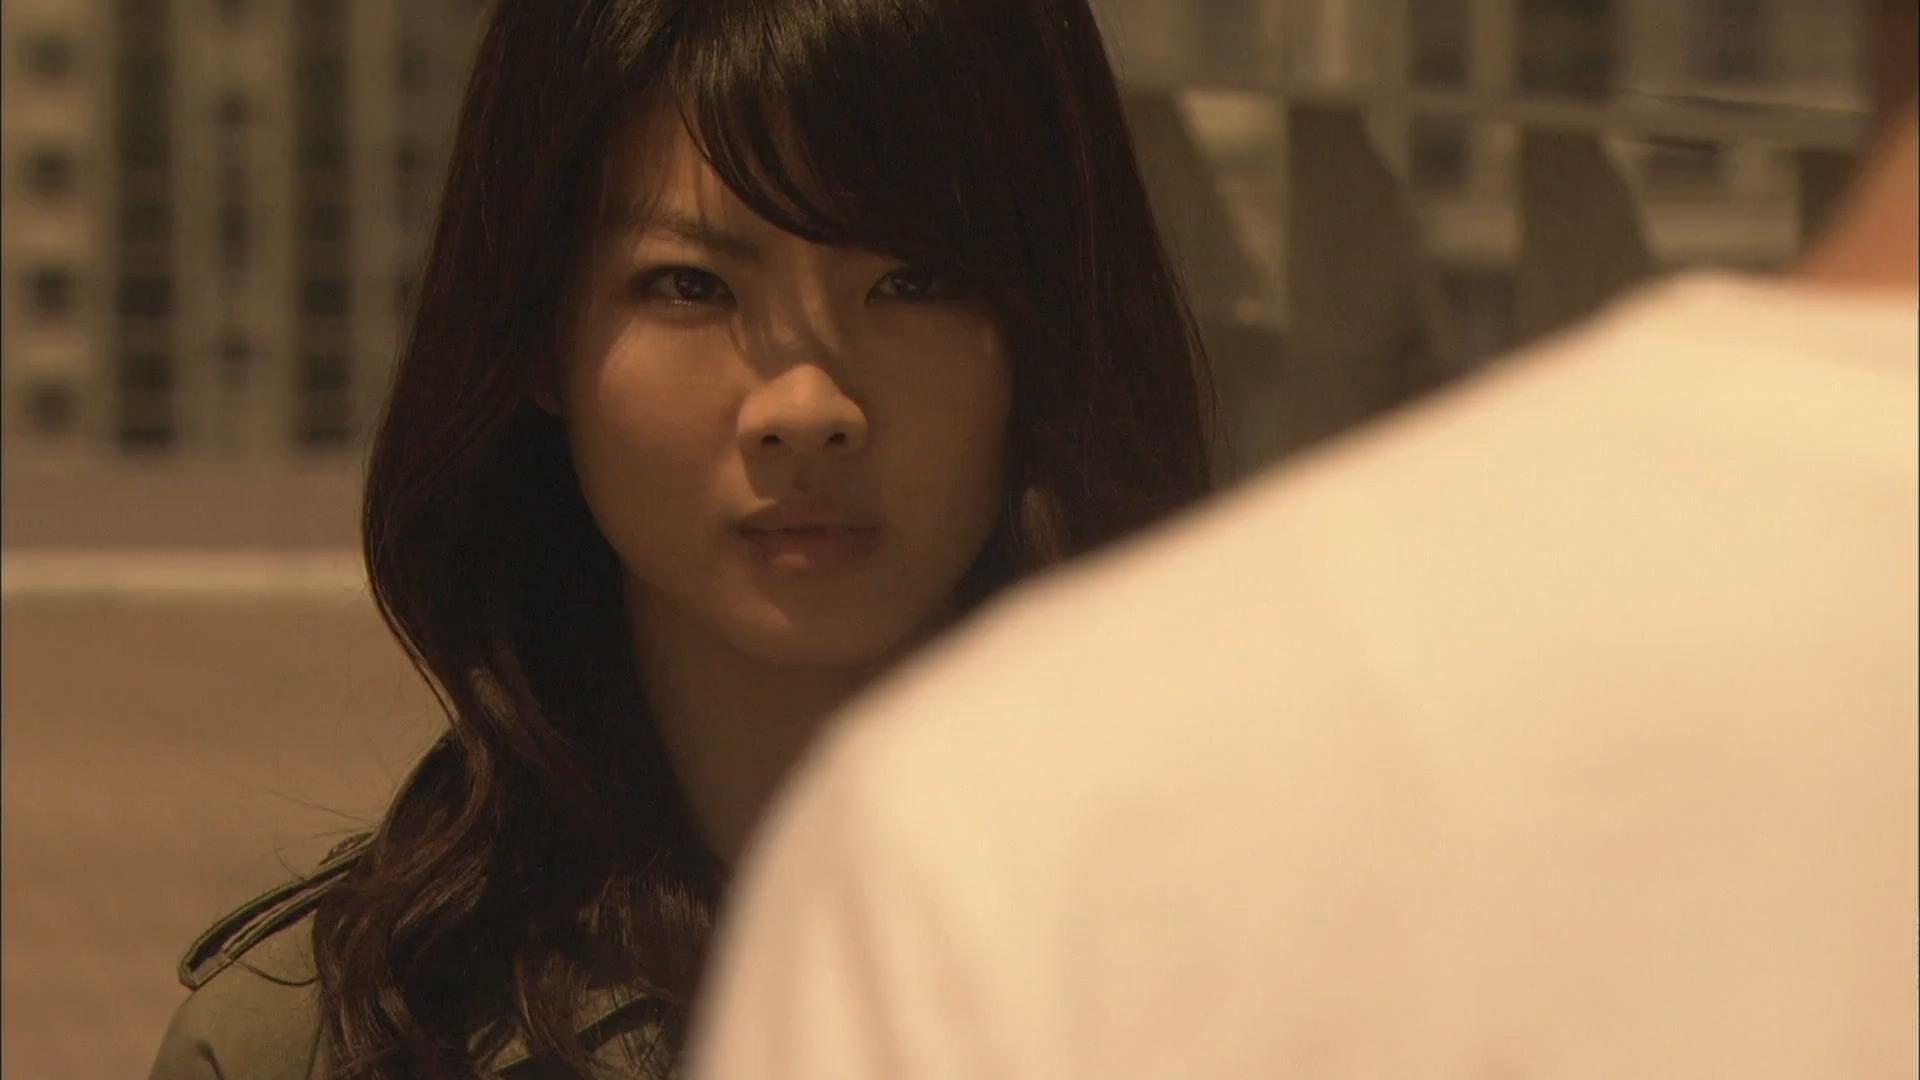 Mirai Nikki - Another : World # 6